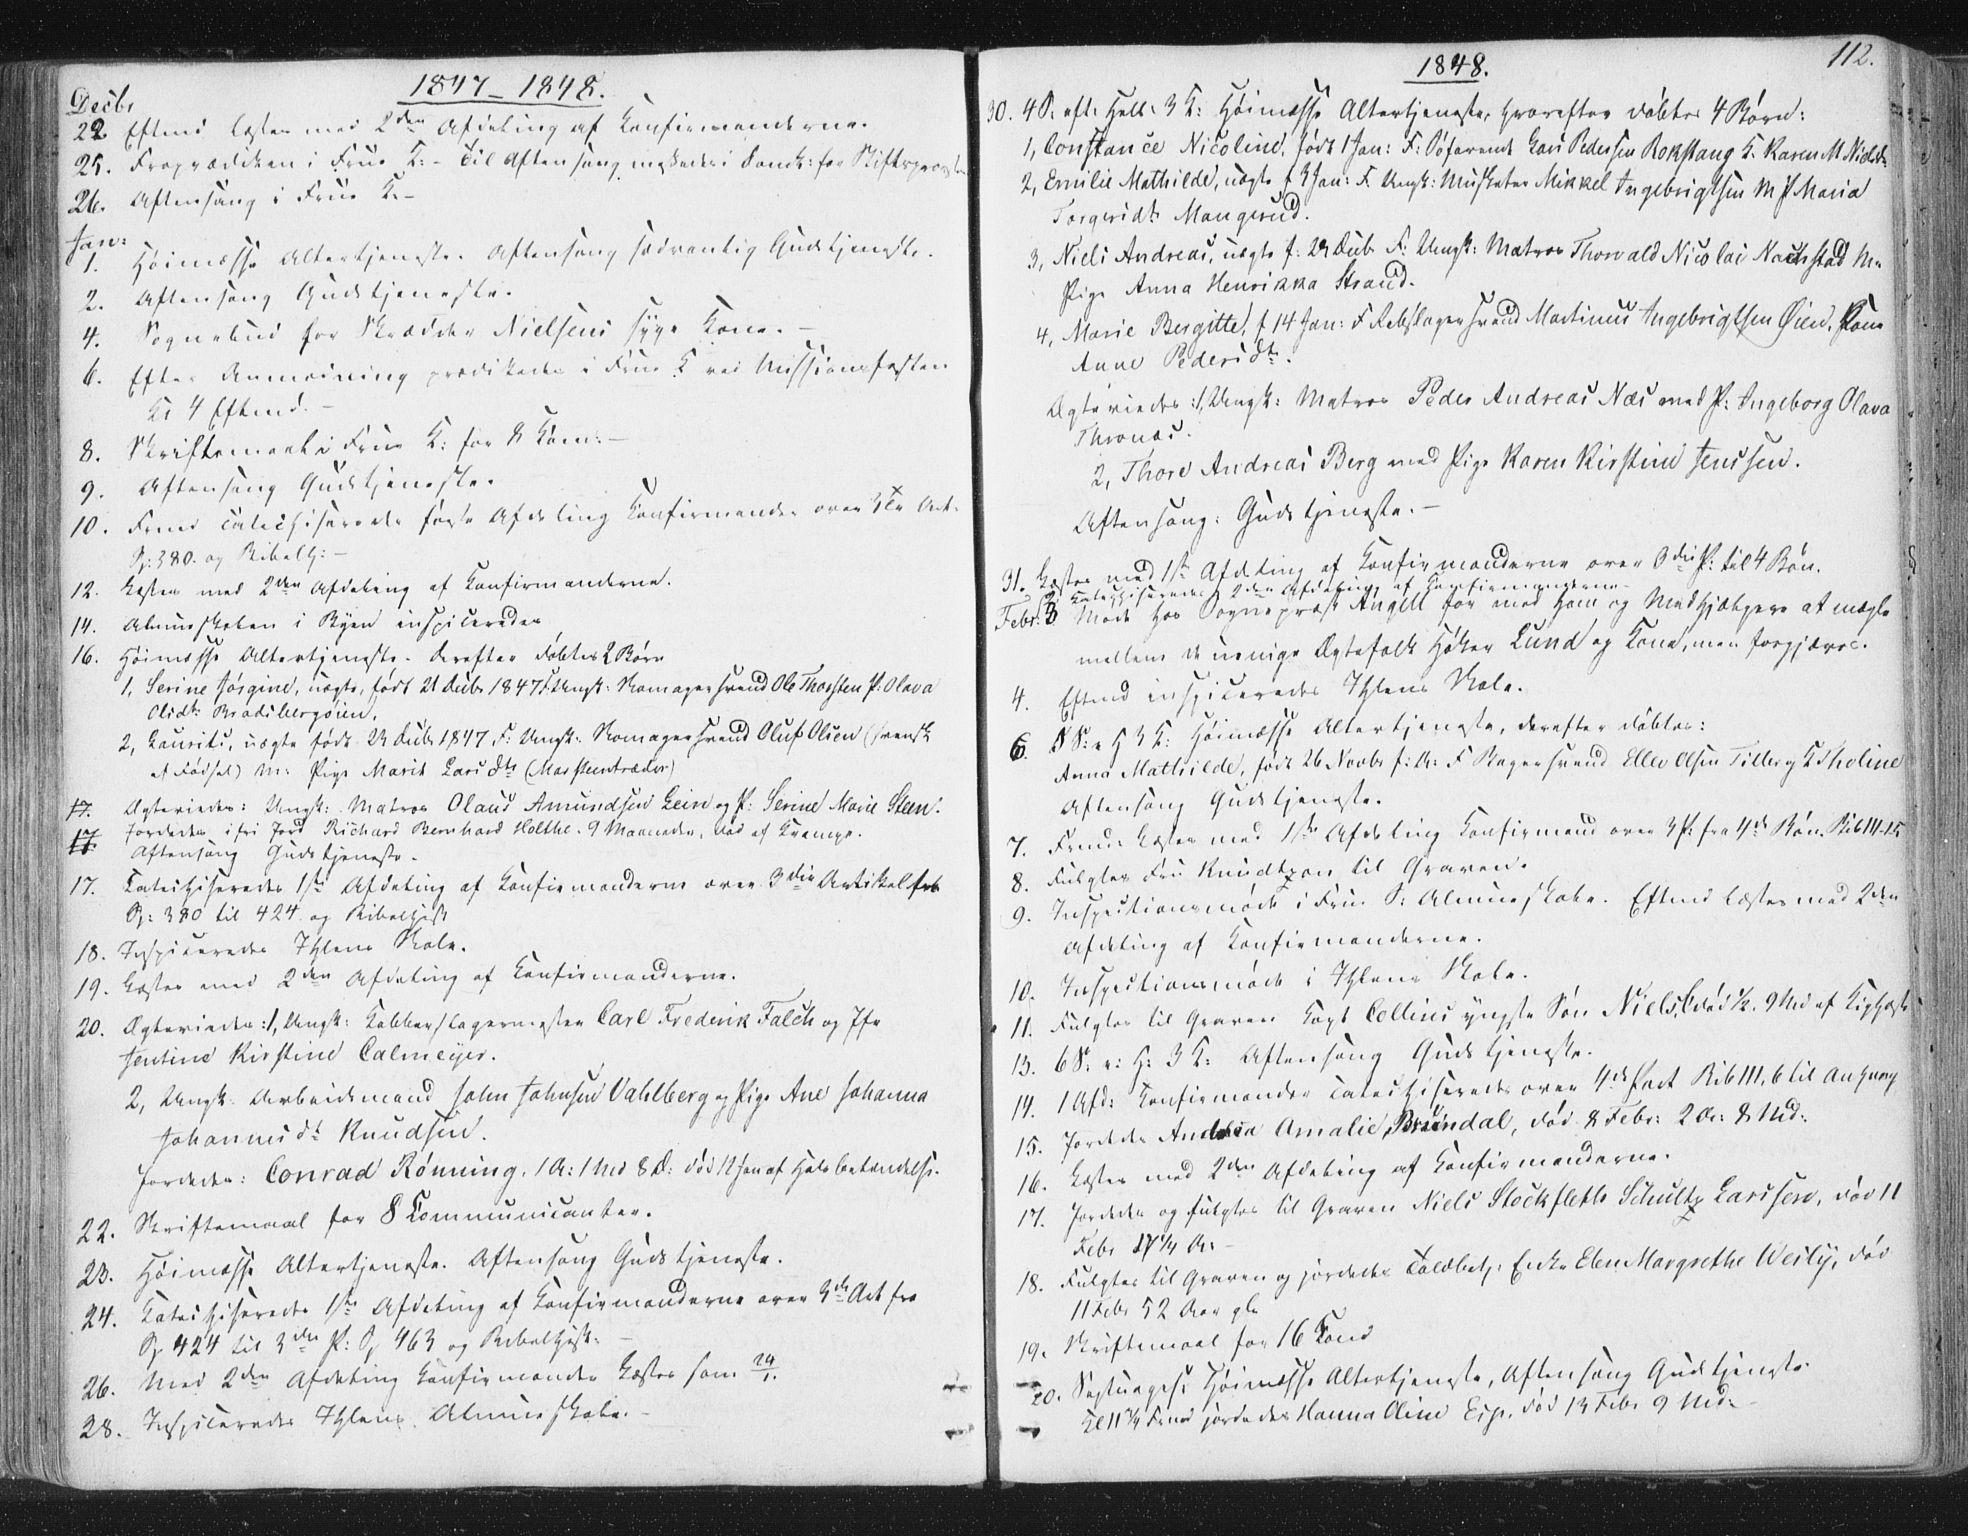 SAT, Ministerialprotokoller, klokkerbøker og fødselsregistre - Sør-Trøndelag, 602/L0127: Residerende kapellans bok nr. 602B01, 1821-1875, s. 112